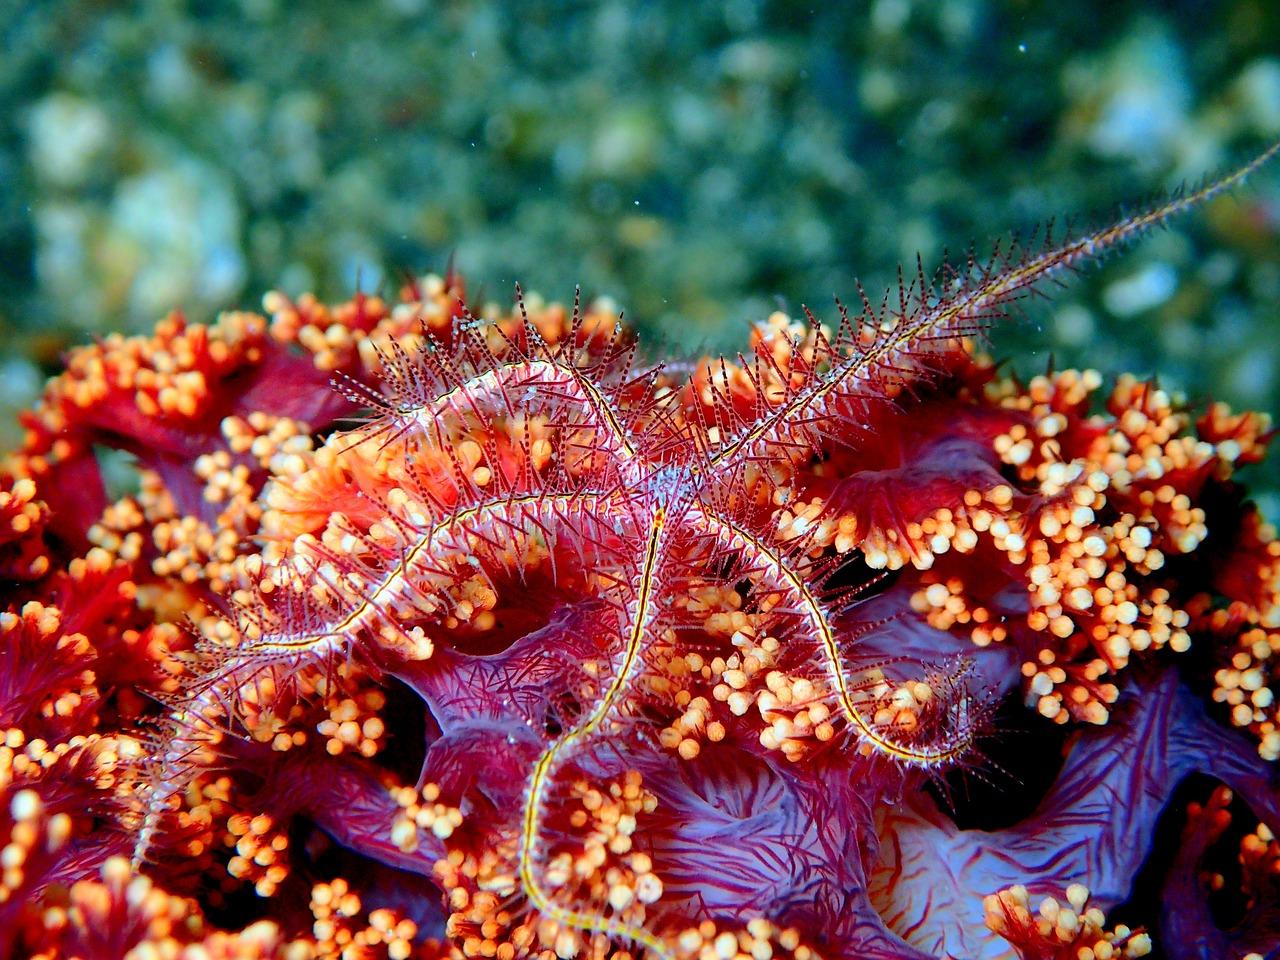 смотреть картинки морских звезд поставил диагноз дополнительная